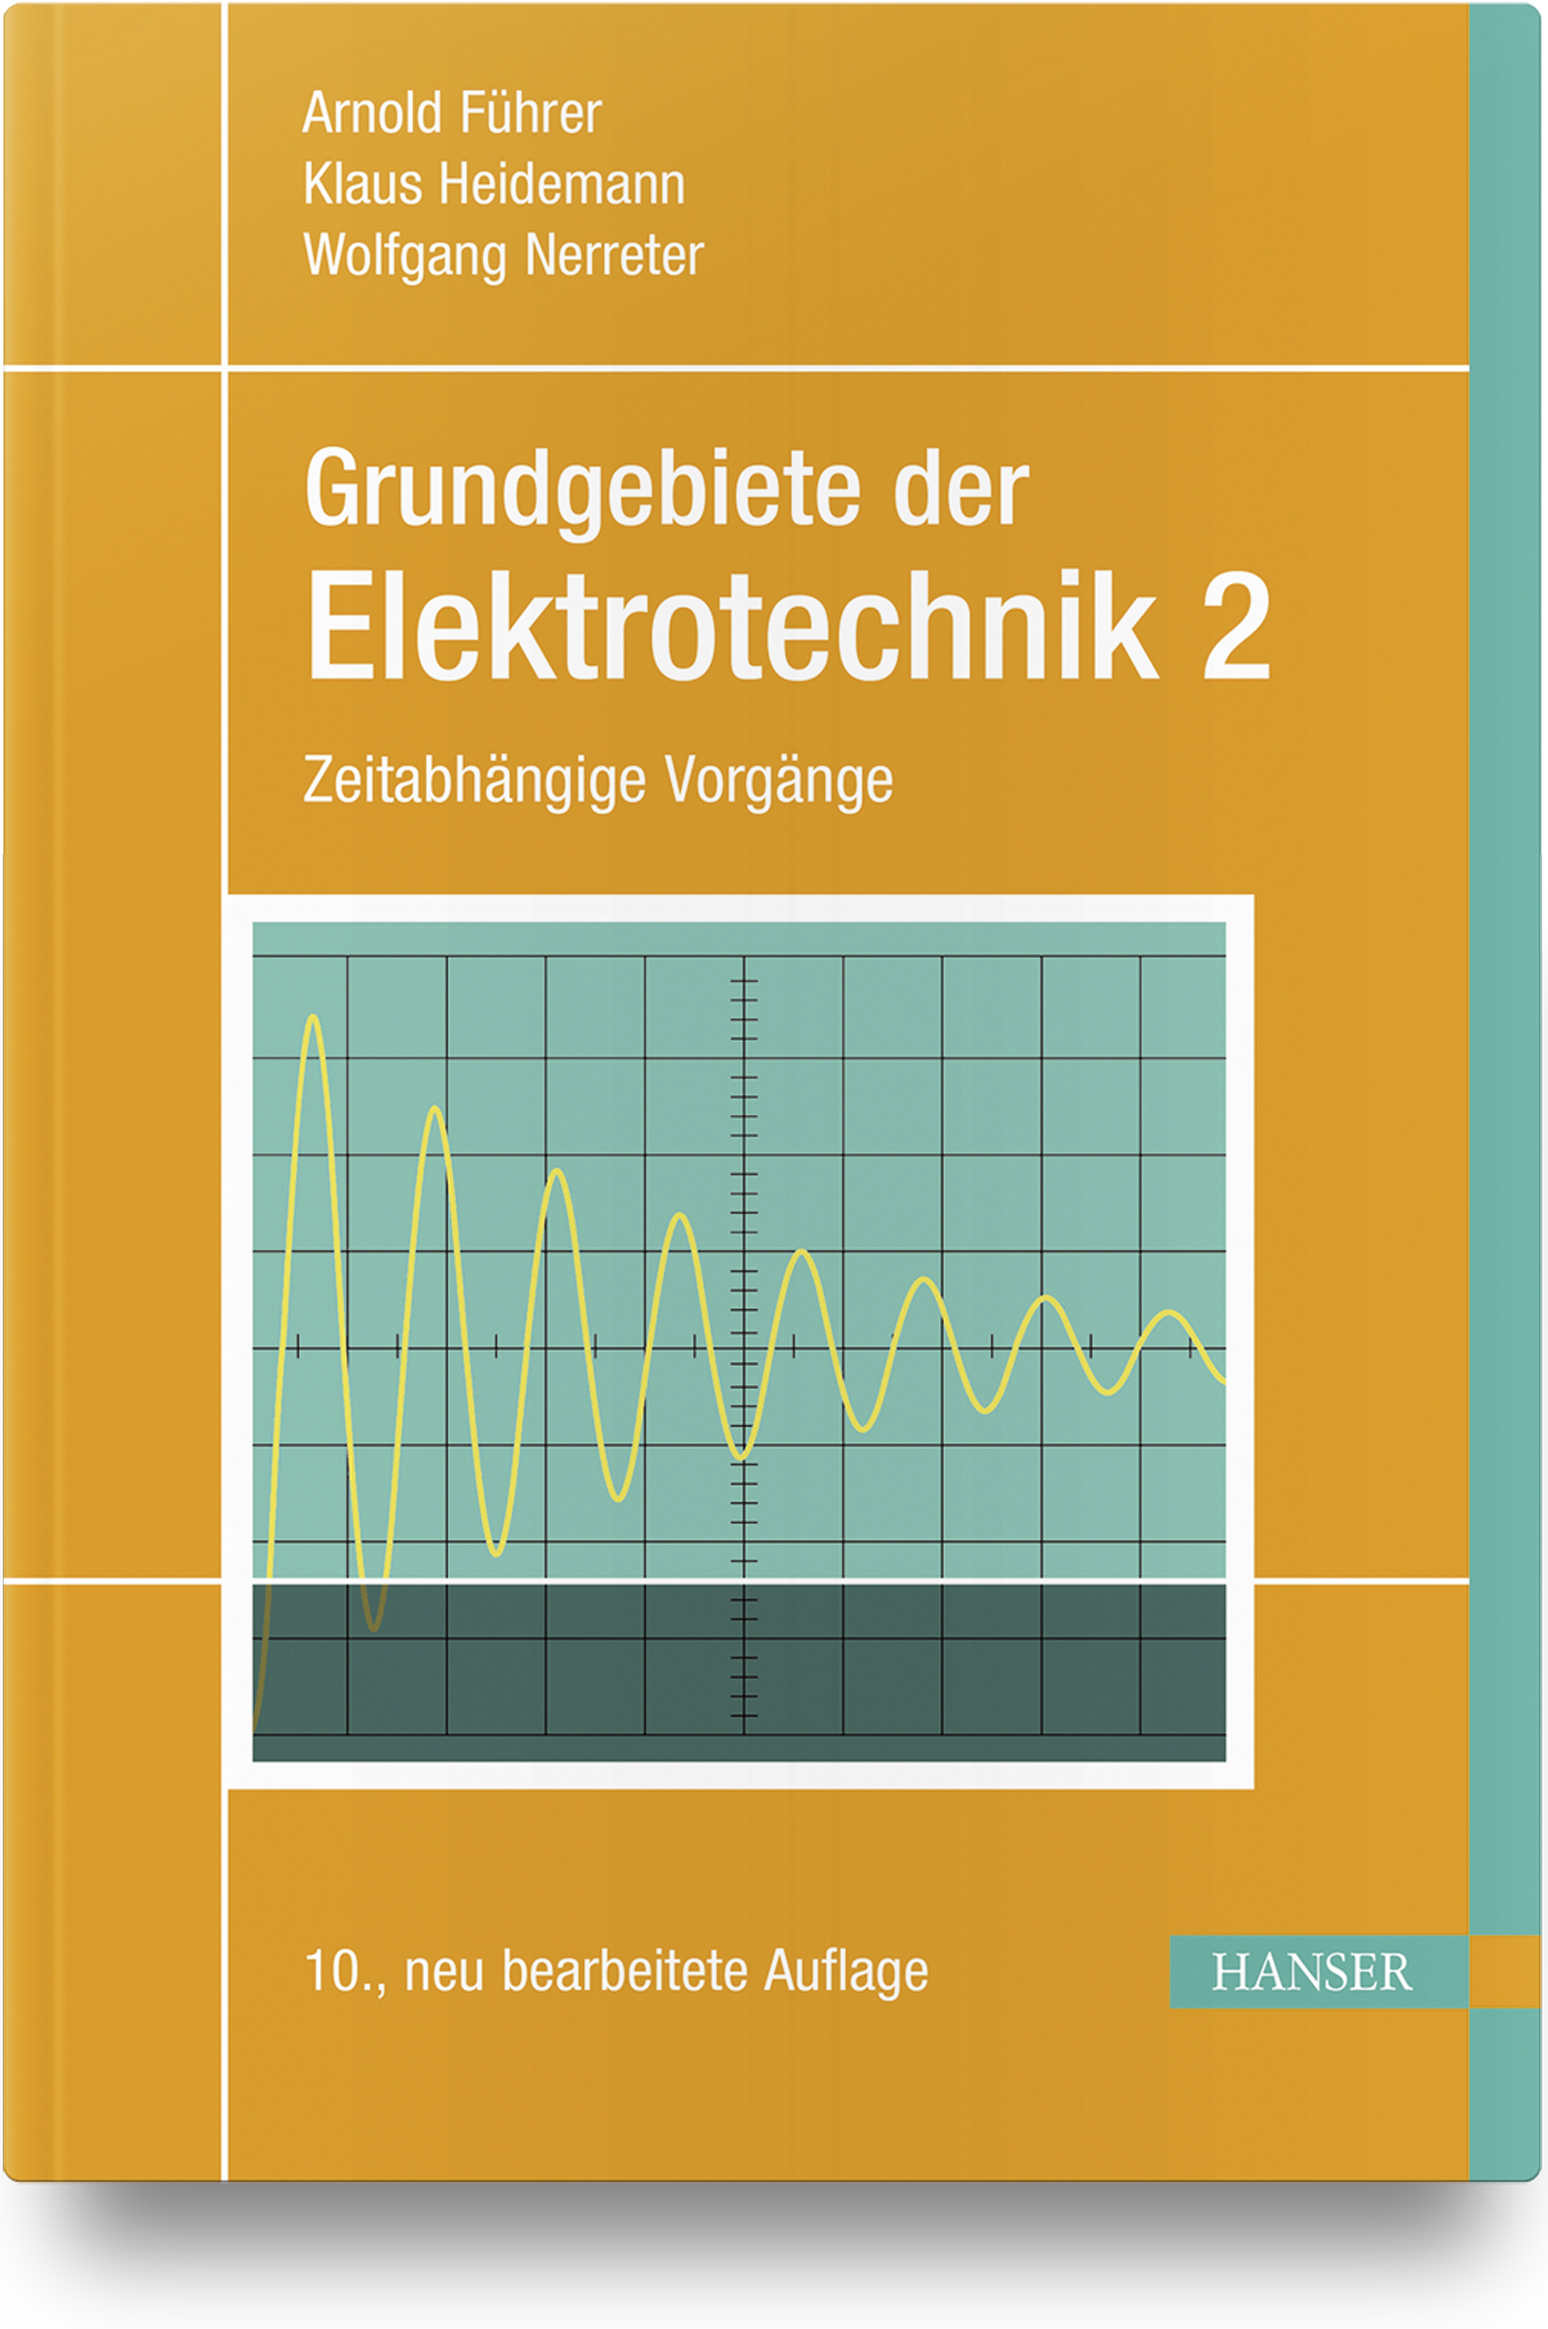 Führer, Heidemann, Nerreter, Grundgebiete der Elektrotechnik, 978-3-446-45954-0